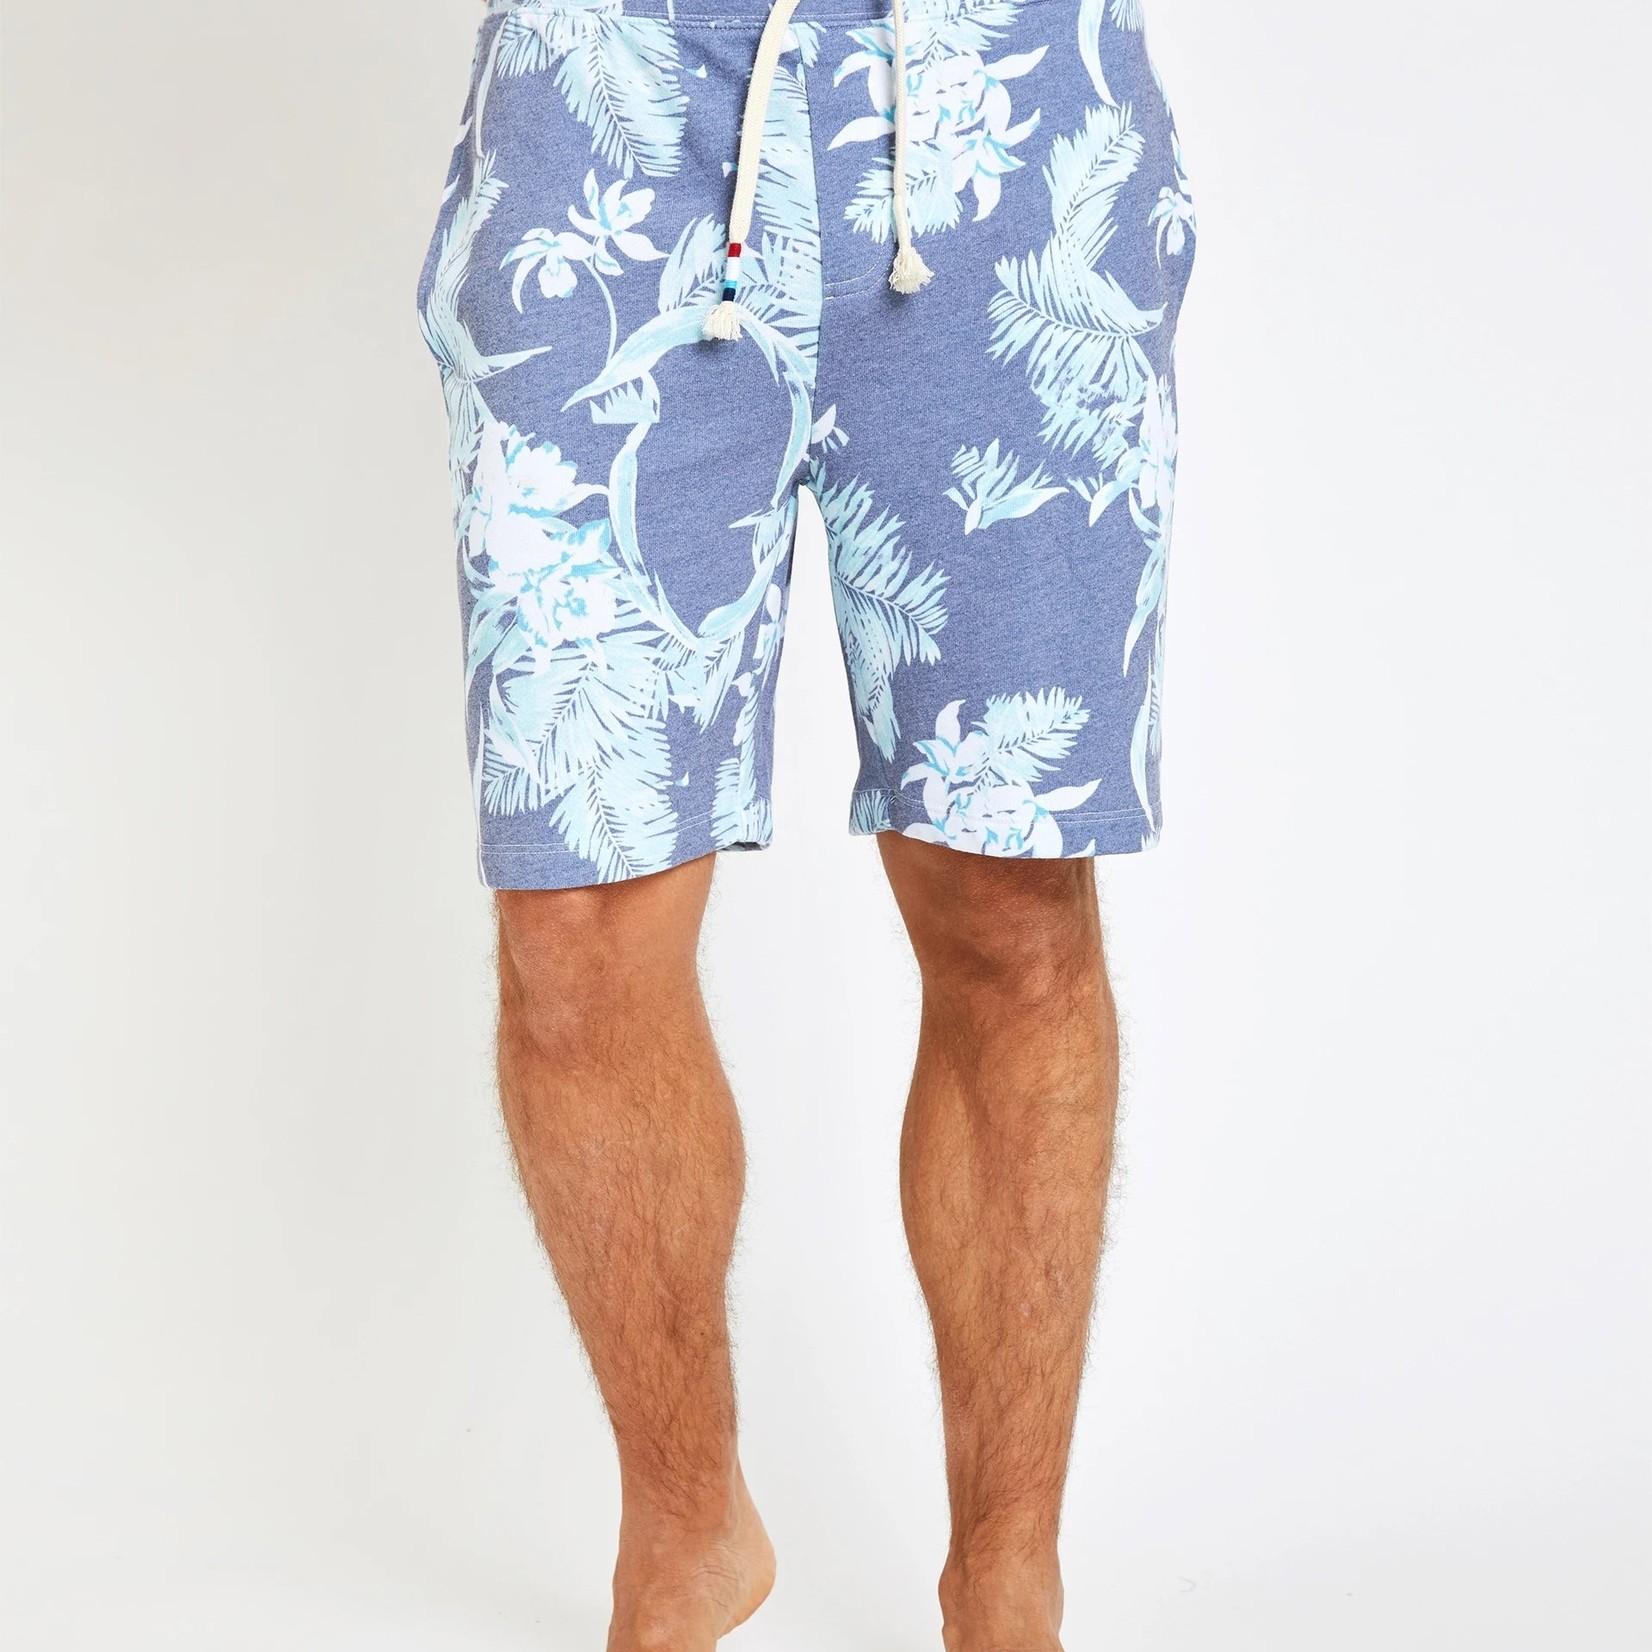 Sol Angeles Sol Angeles Aqua Floral Shorts